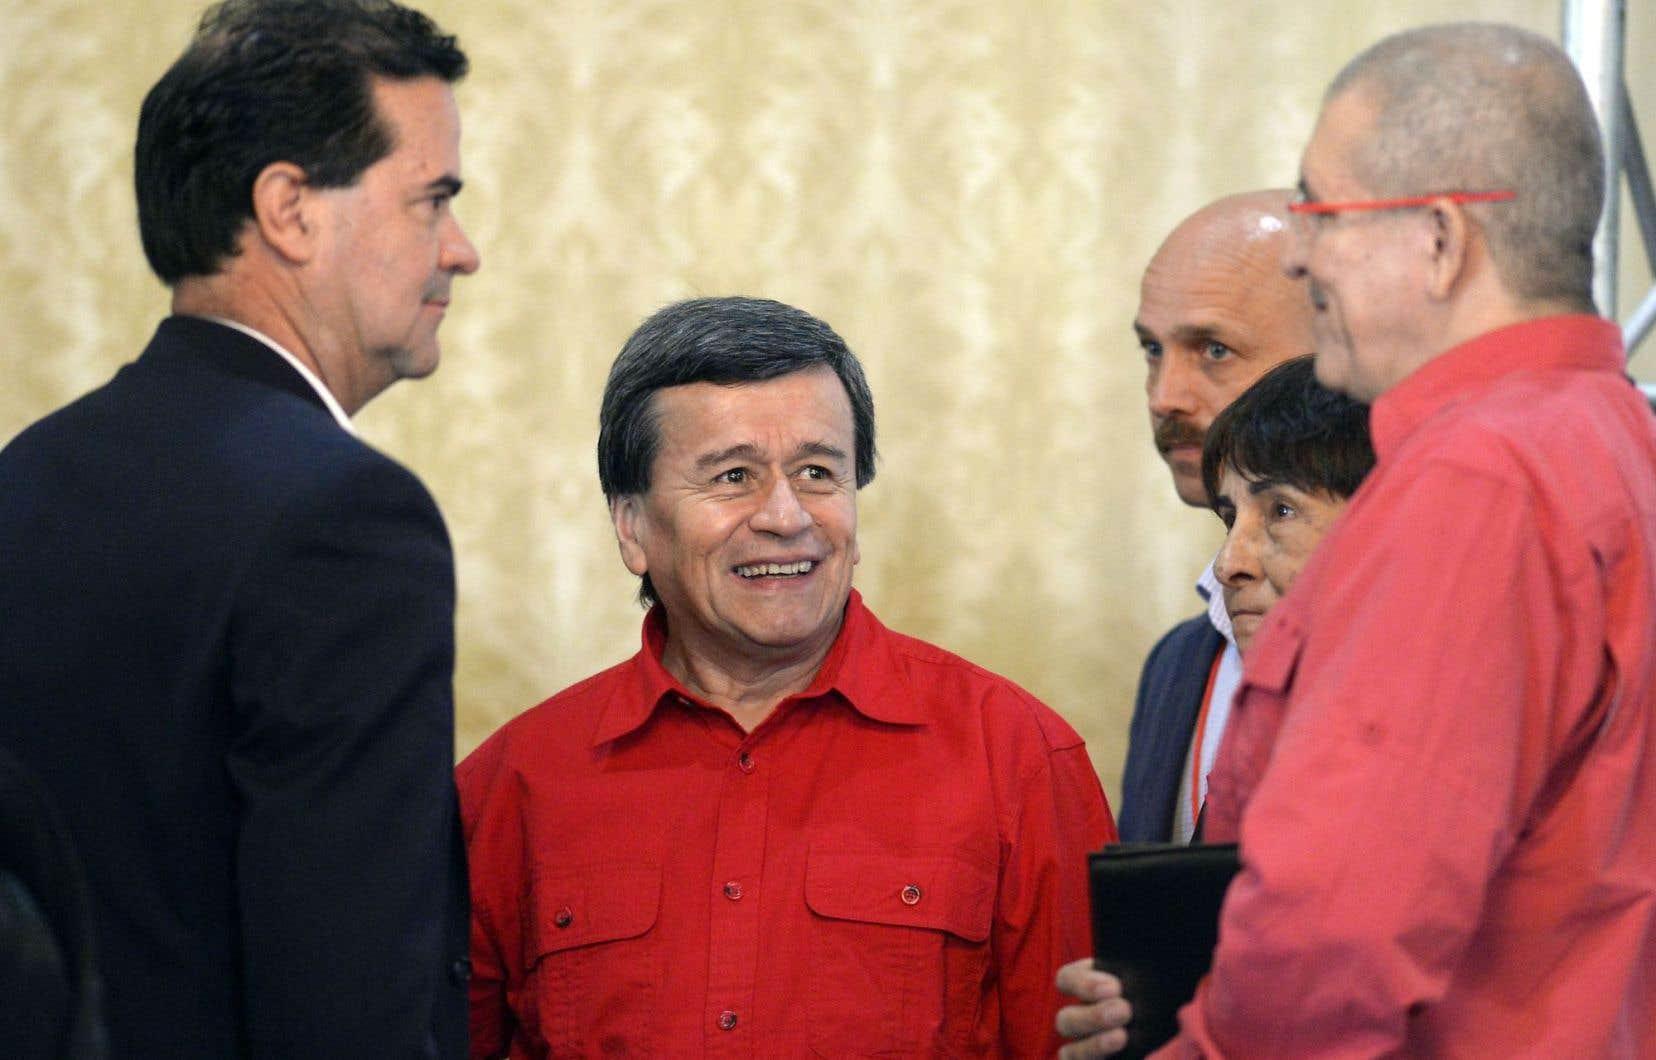 Le représentant de l'ELN, Pablo Beltran (au centre), mercredi en compagnie de membres de son groupe, discutant avec le chef négociateur de Bogotá, Frank Pearl (à gauche)